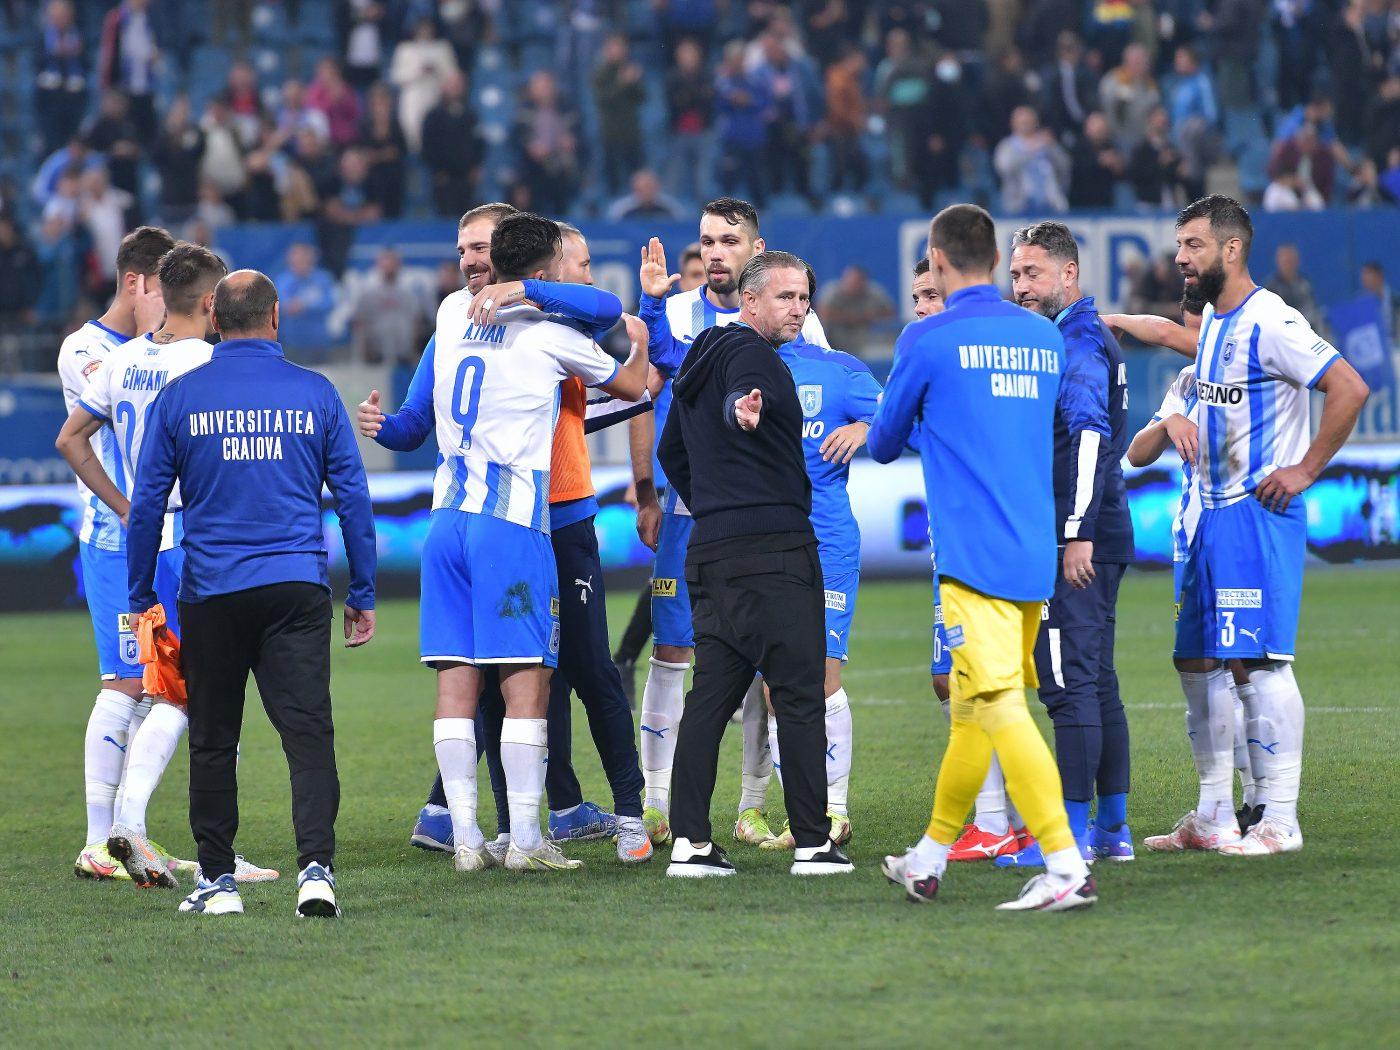 """Craiova lui Reghecampf văzută printre favoritele la titlu! """"Lupta se dă în trei"""""""